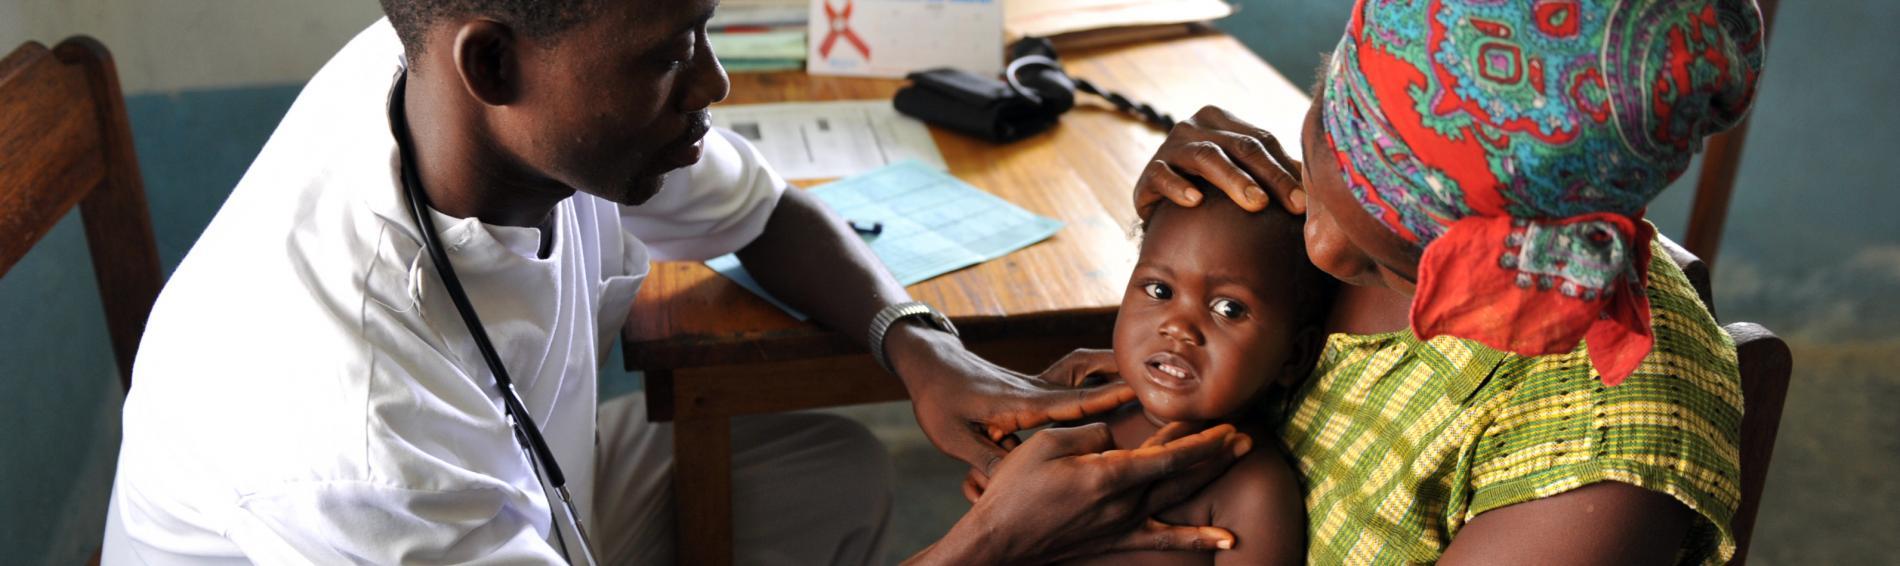 Behandlung eines Kindes in Liberia. Foto: Ärzte der Welt